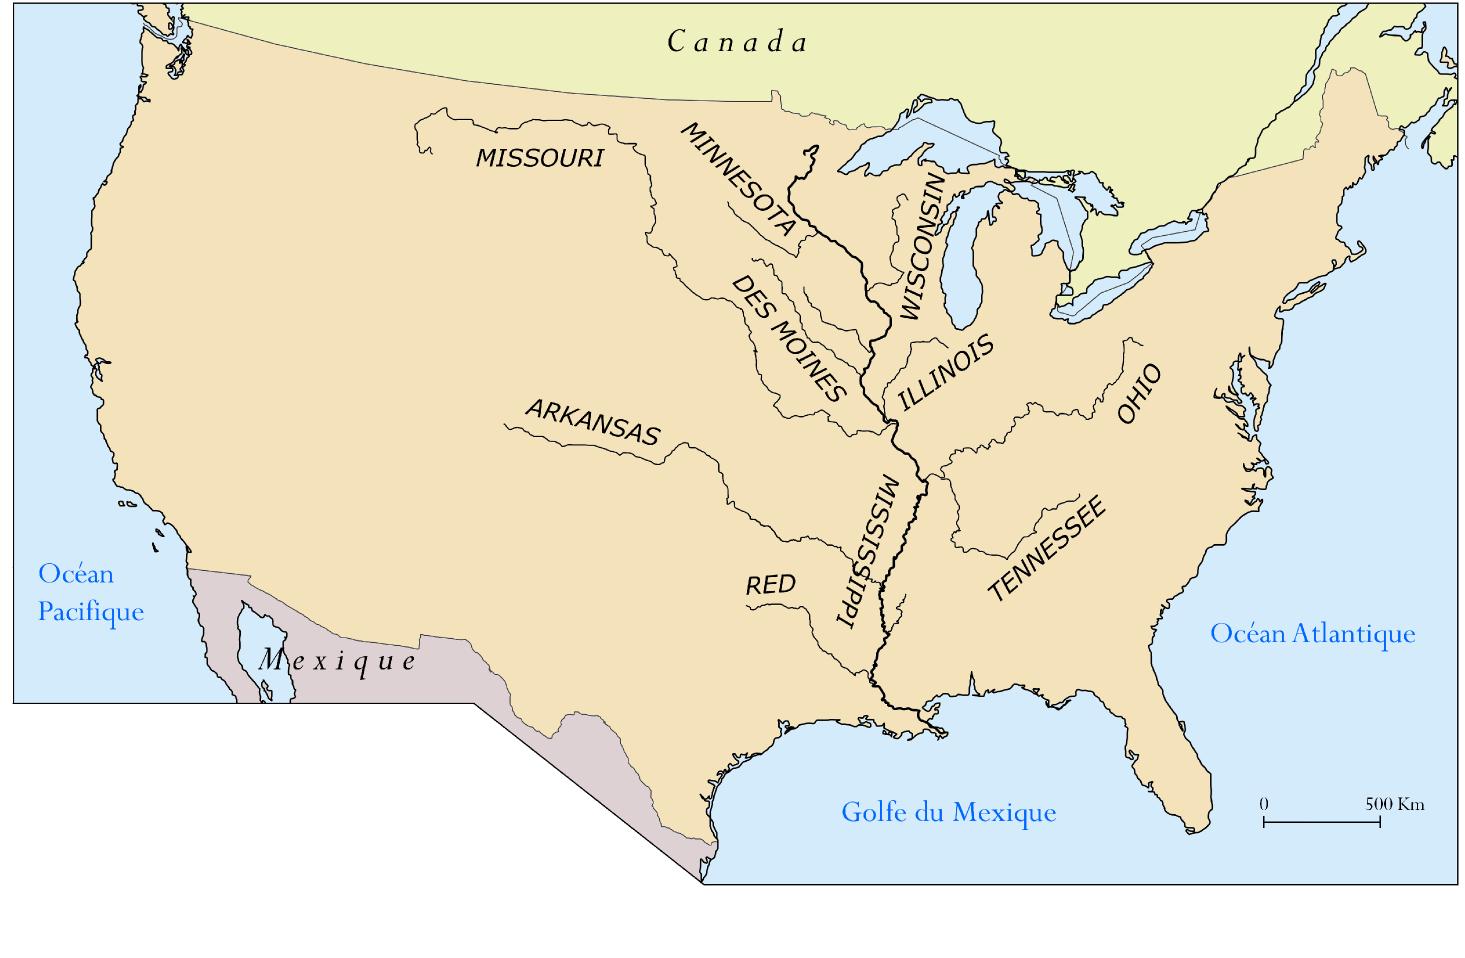 Mapa Del Estado De Florida Usa - Mapa florida usa